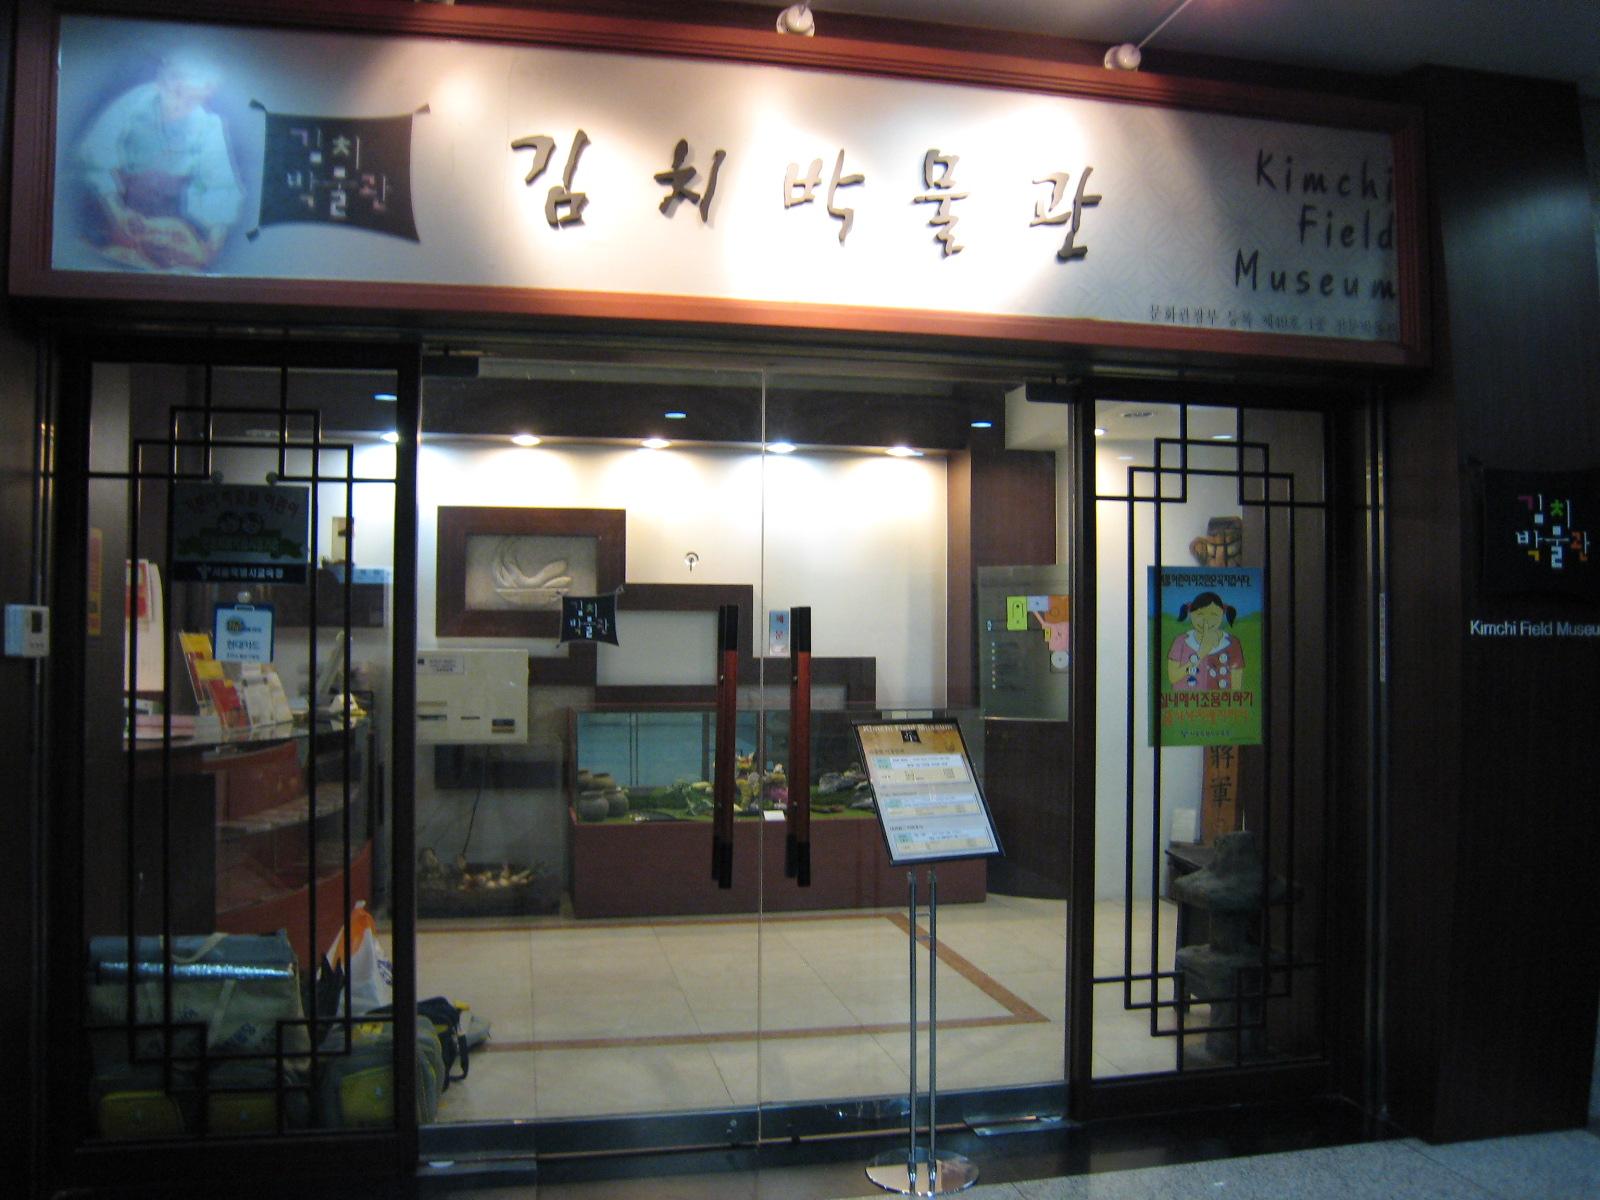 10 พิพิธภัณฑ์เกาหลีที่ไม่ควรพลาด -พิพิธภัณฑ์กิมจิ